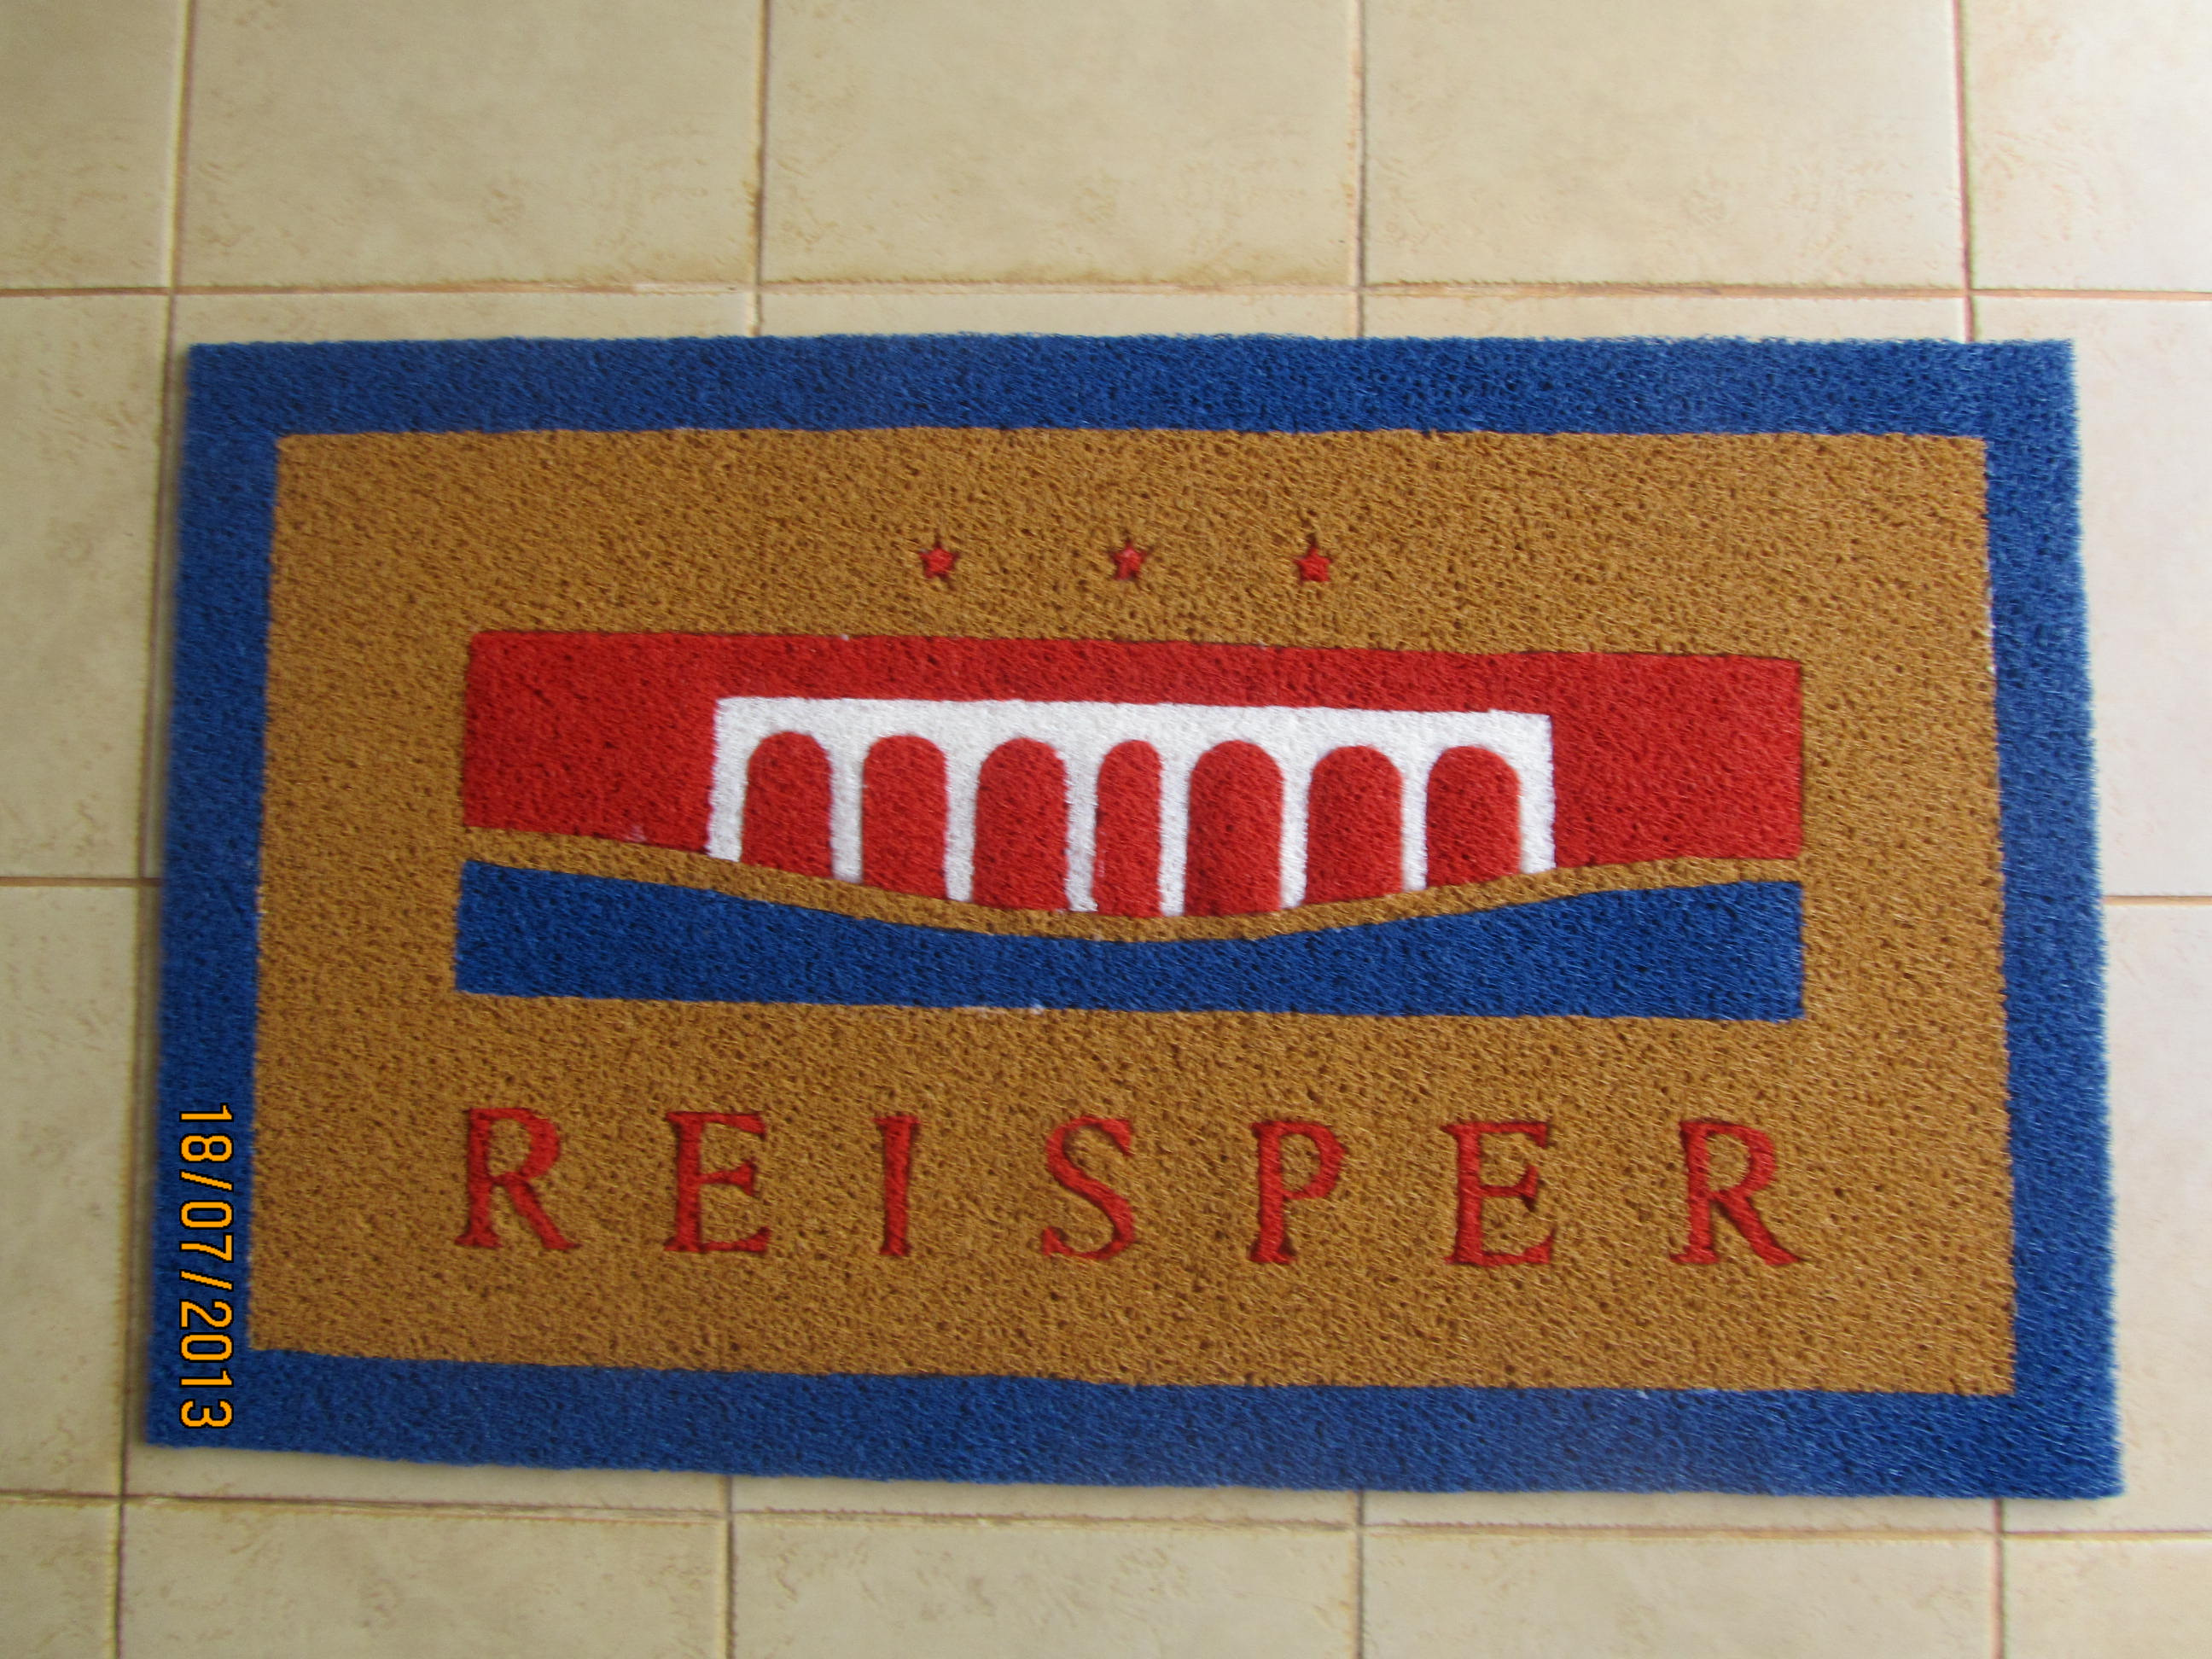 Reisper